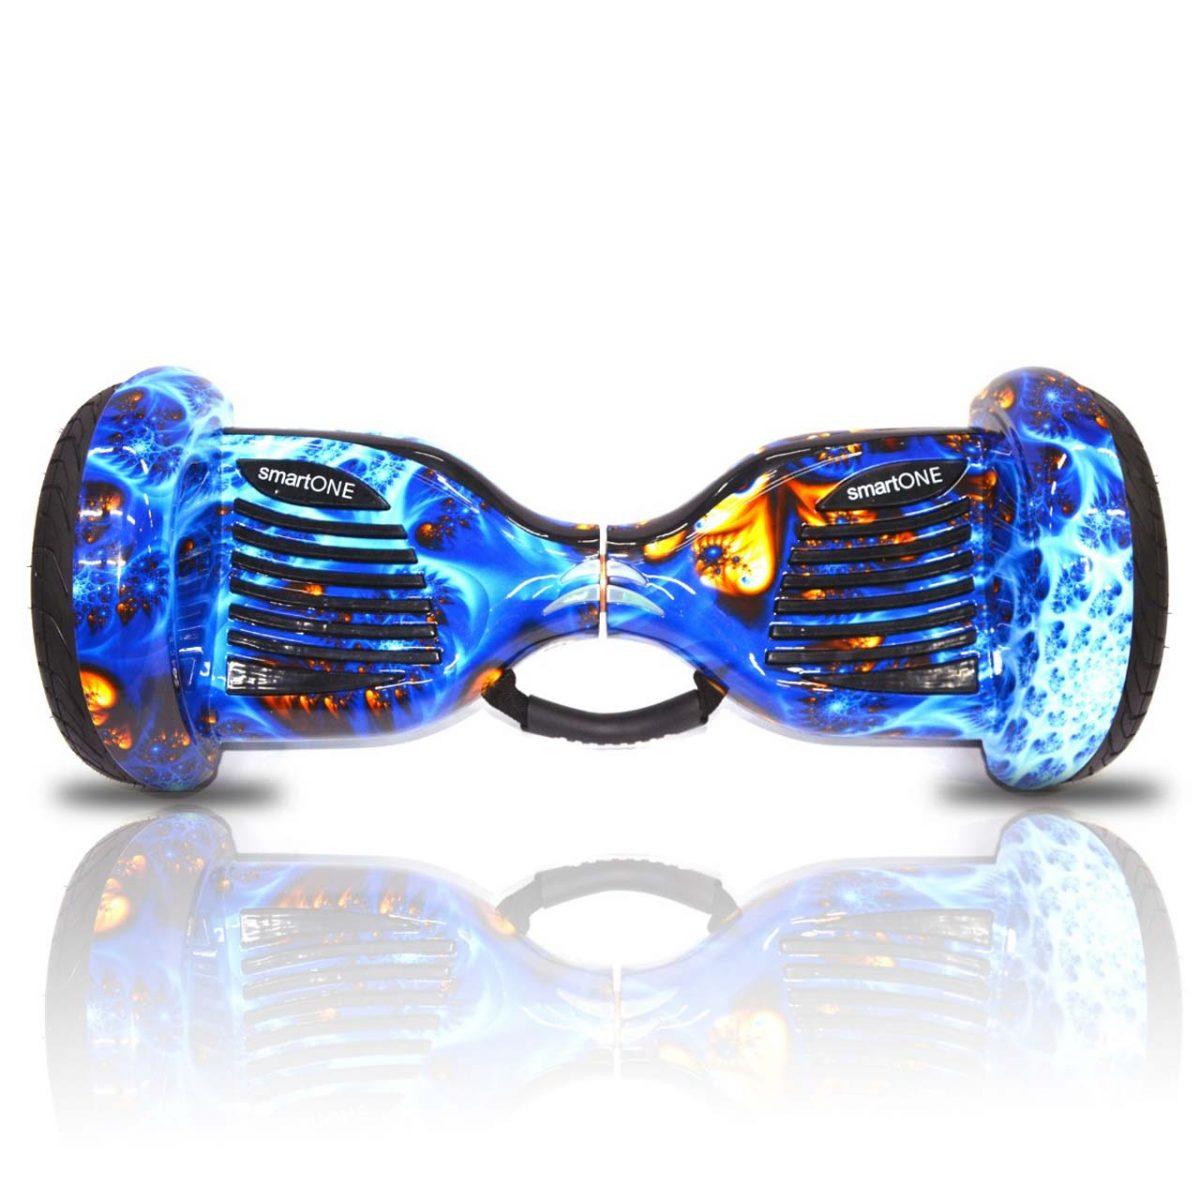 Гироскутер SmartONE AQUA 10.5 Premium синий иней